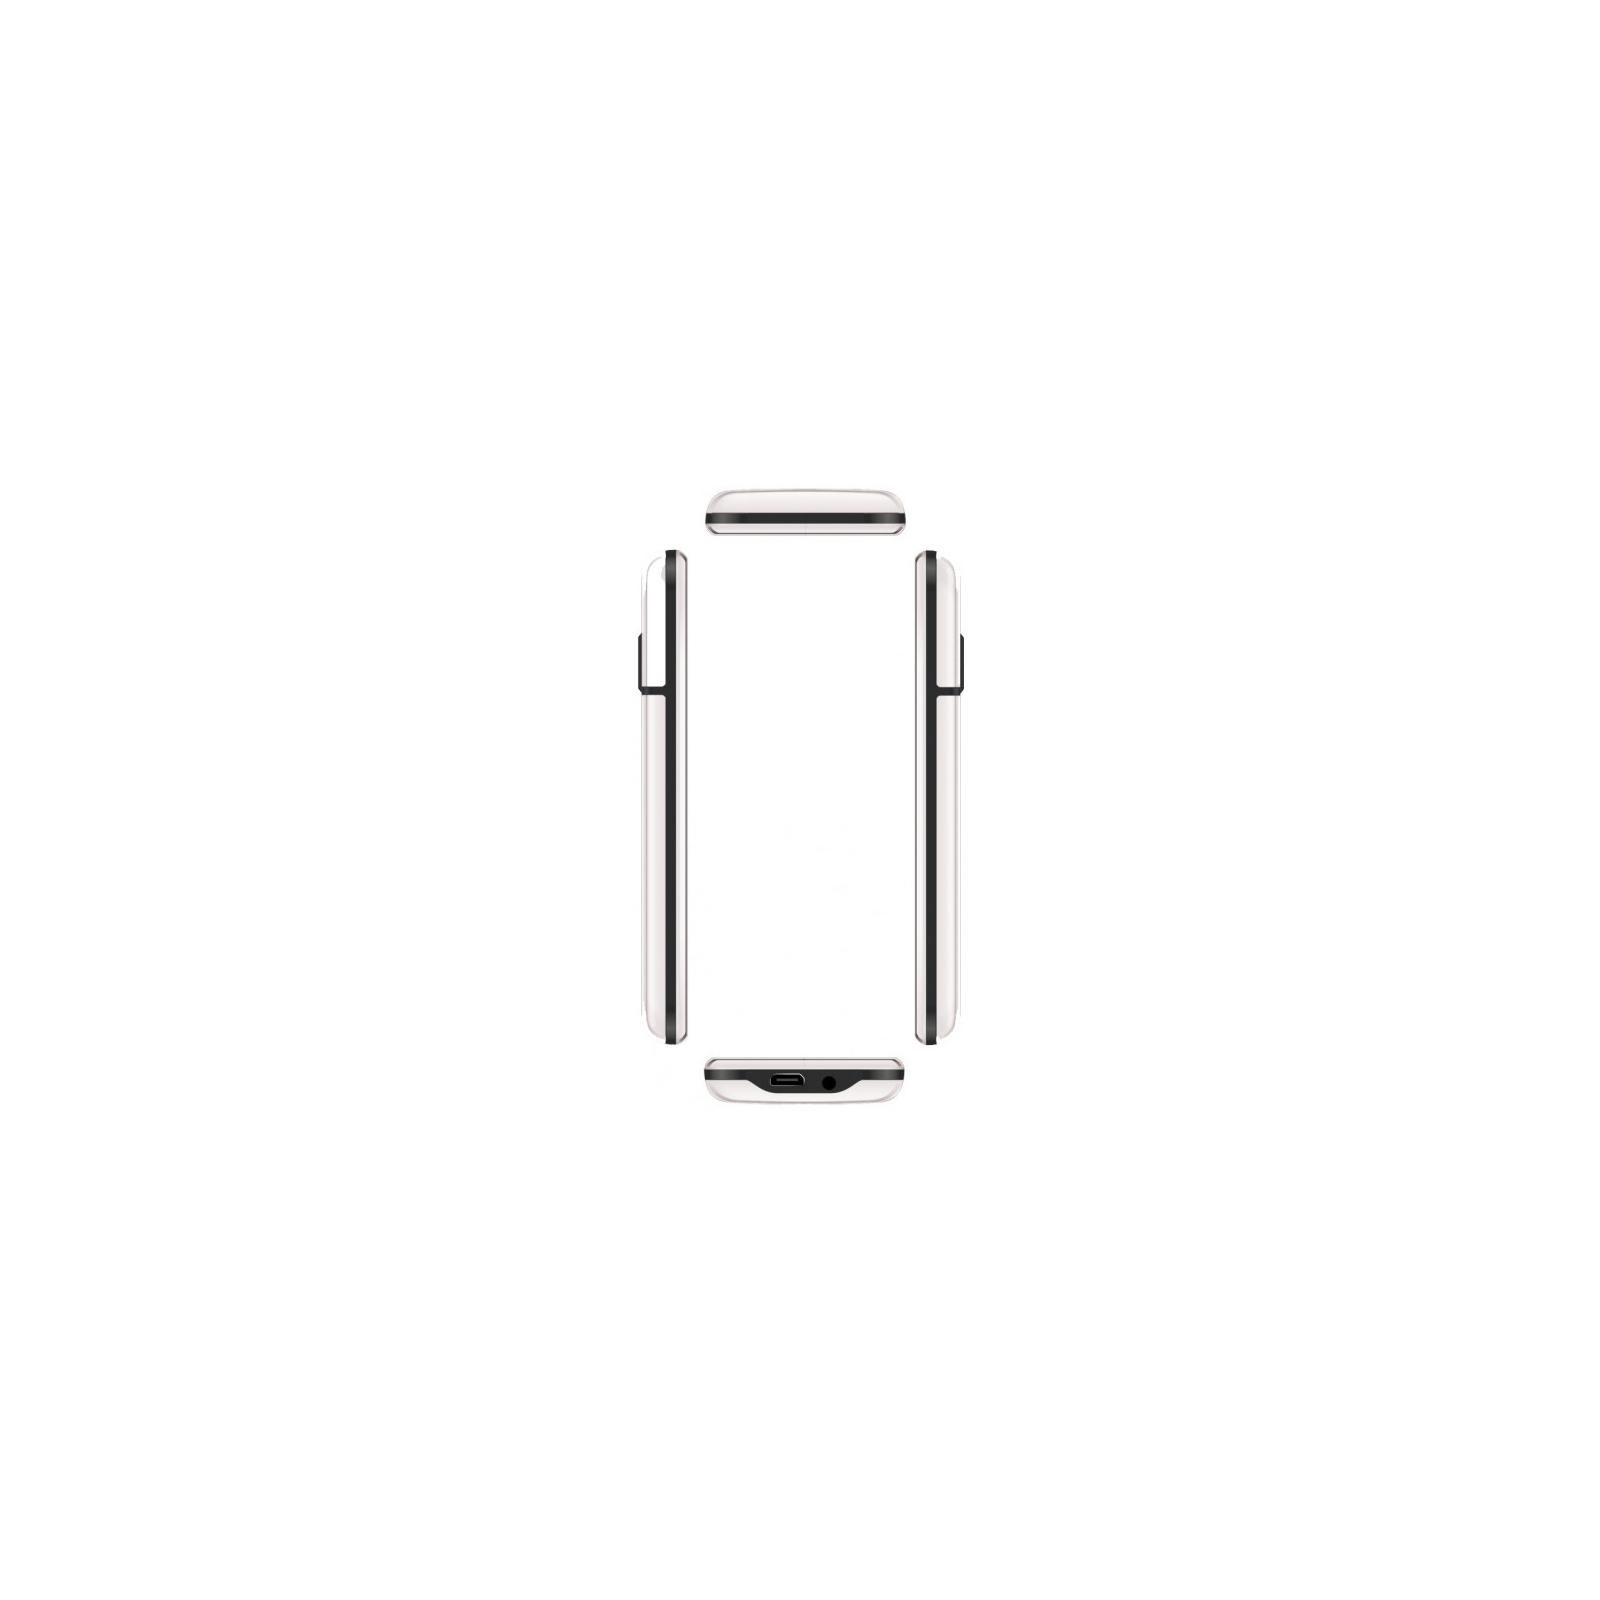 Мобильный телефон Verico Style F244 Black (4713095606724) изображение 3